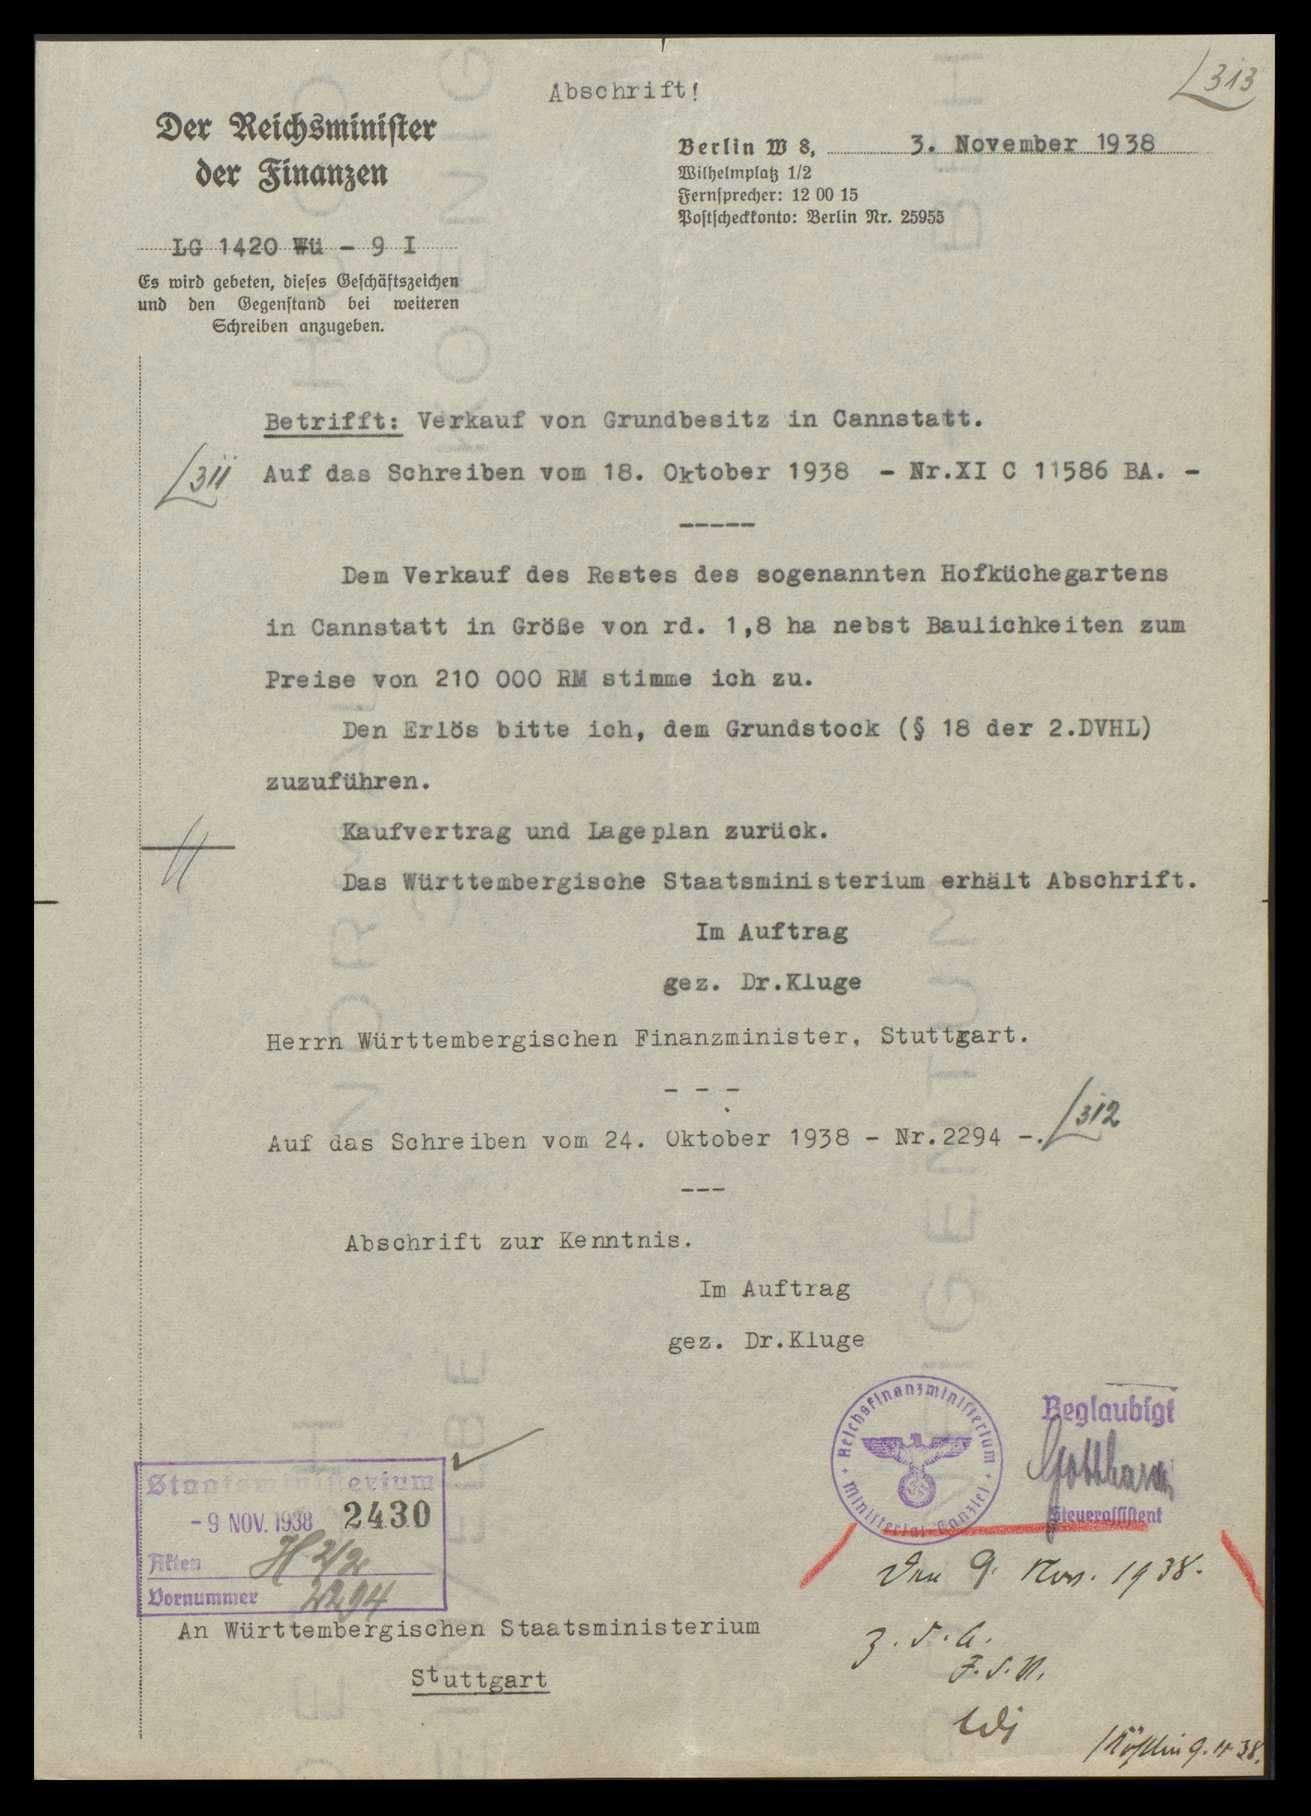 Verwaltung und Verwendung von ehemaligem Krongut, Bild 2